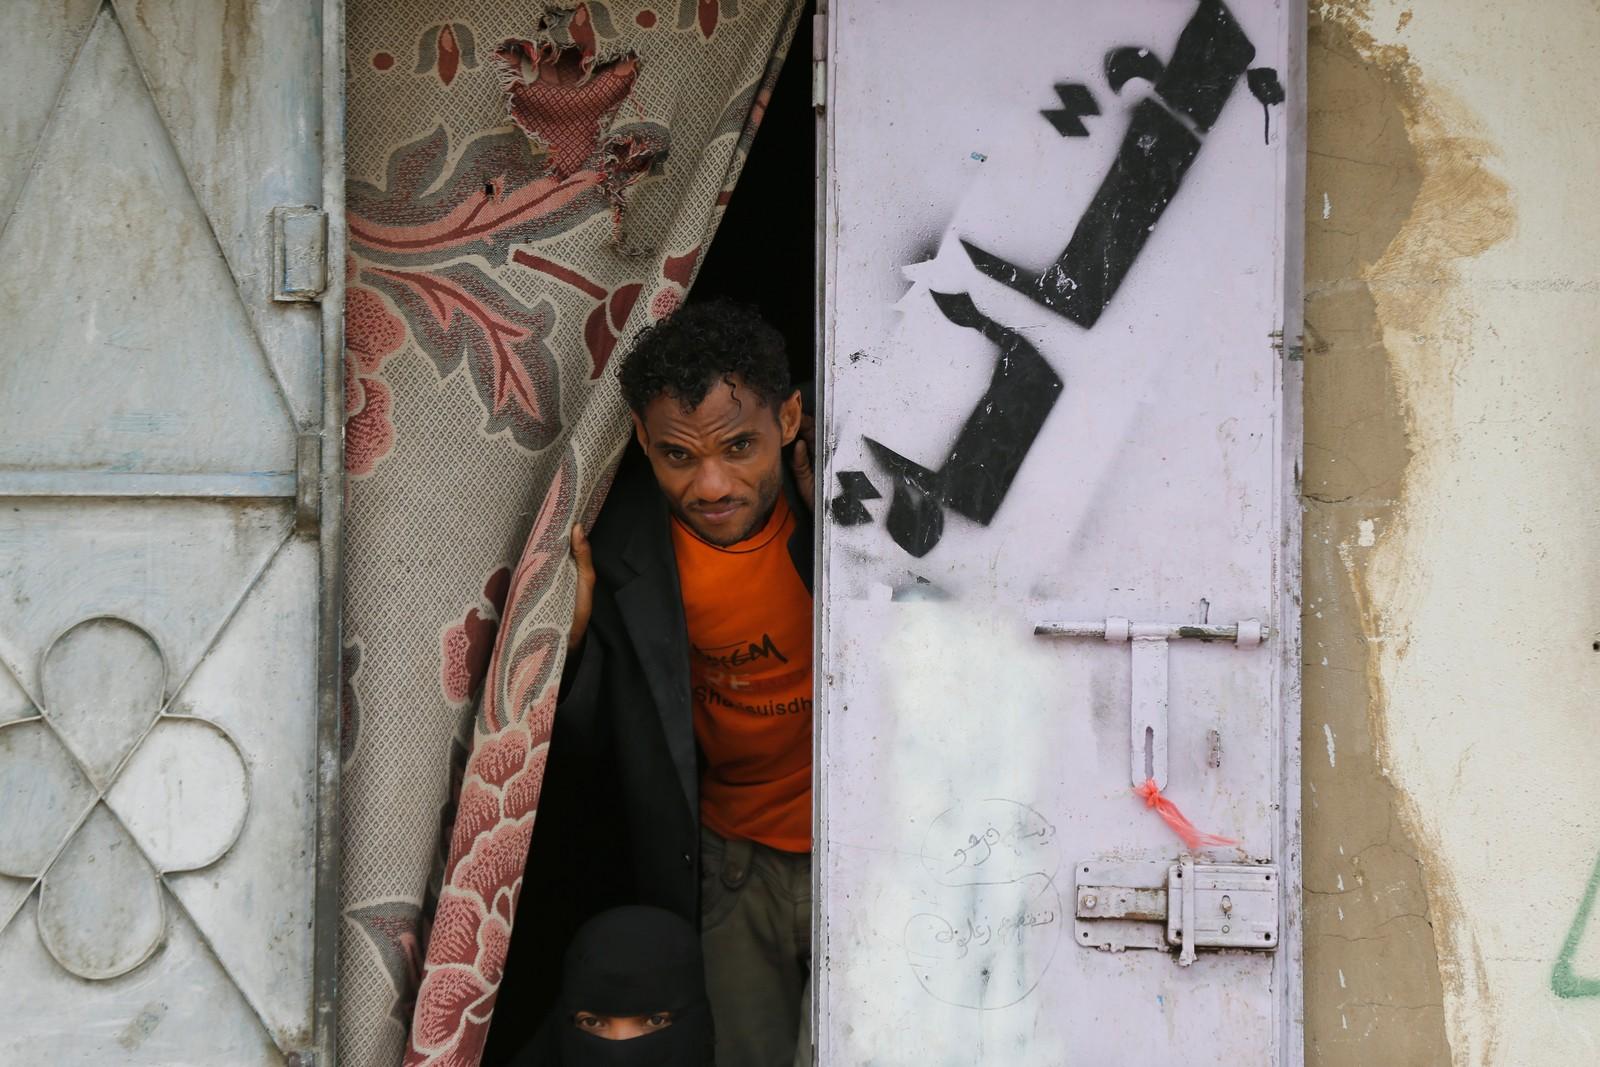 Desabrigado da cidade de Hodeida em abrigo na cidade de Sana'a, capital do Iêmen. — Foto: Khaled Abdullah/Reuters